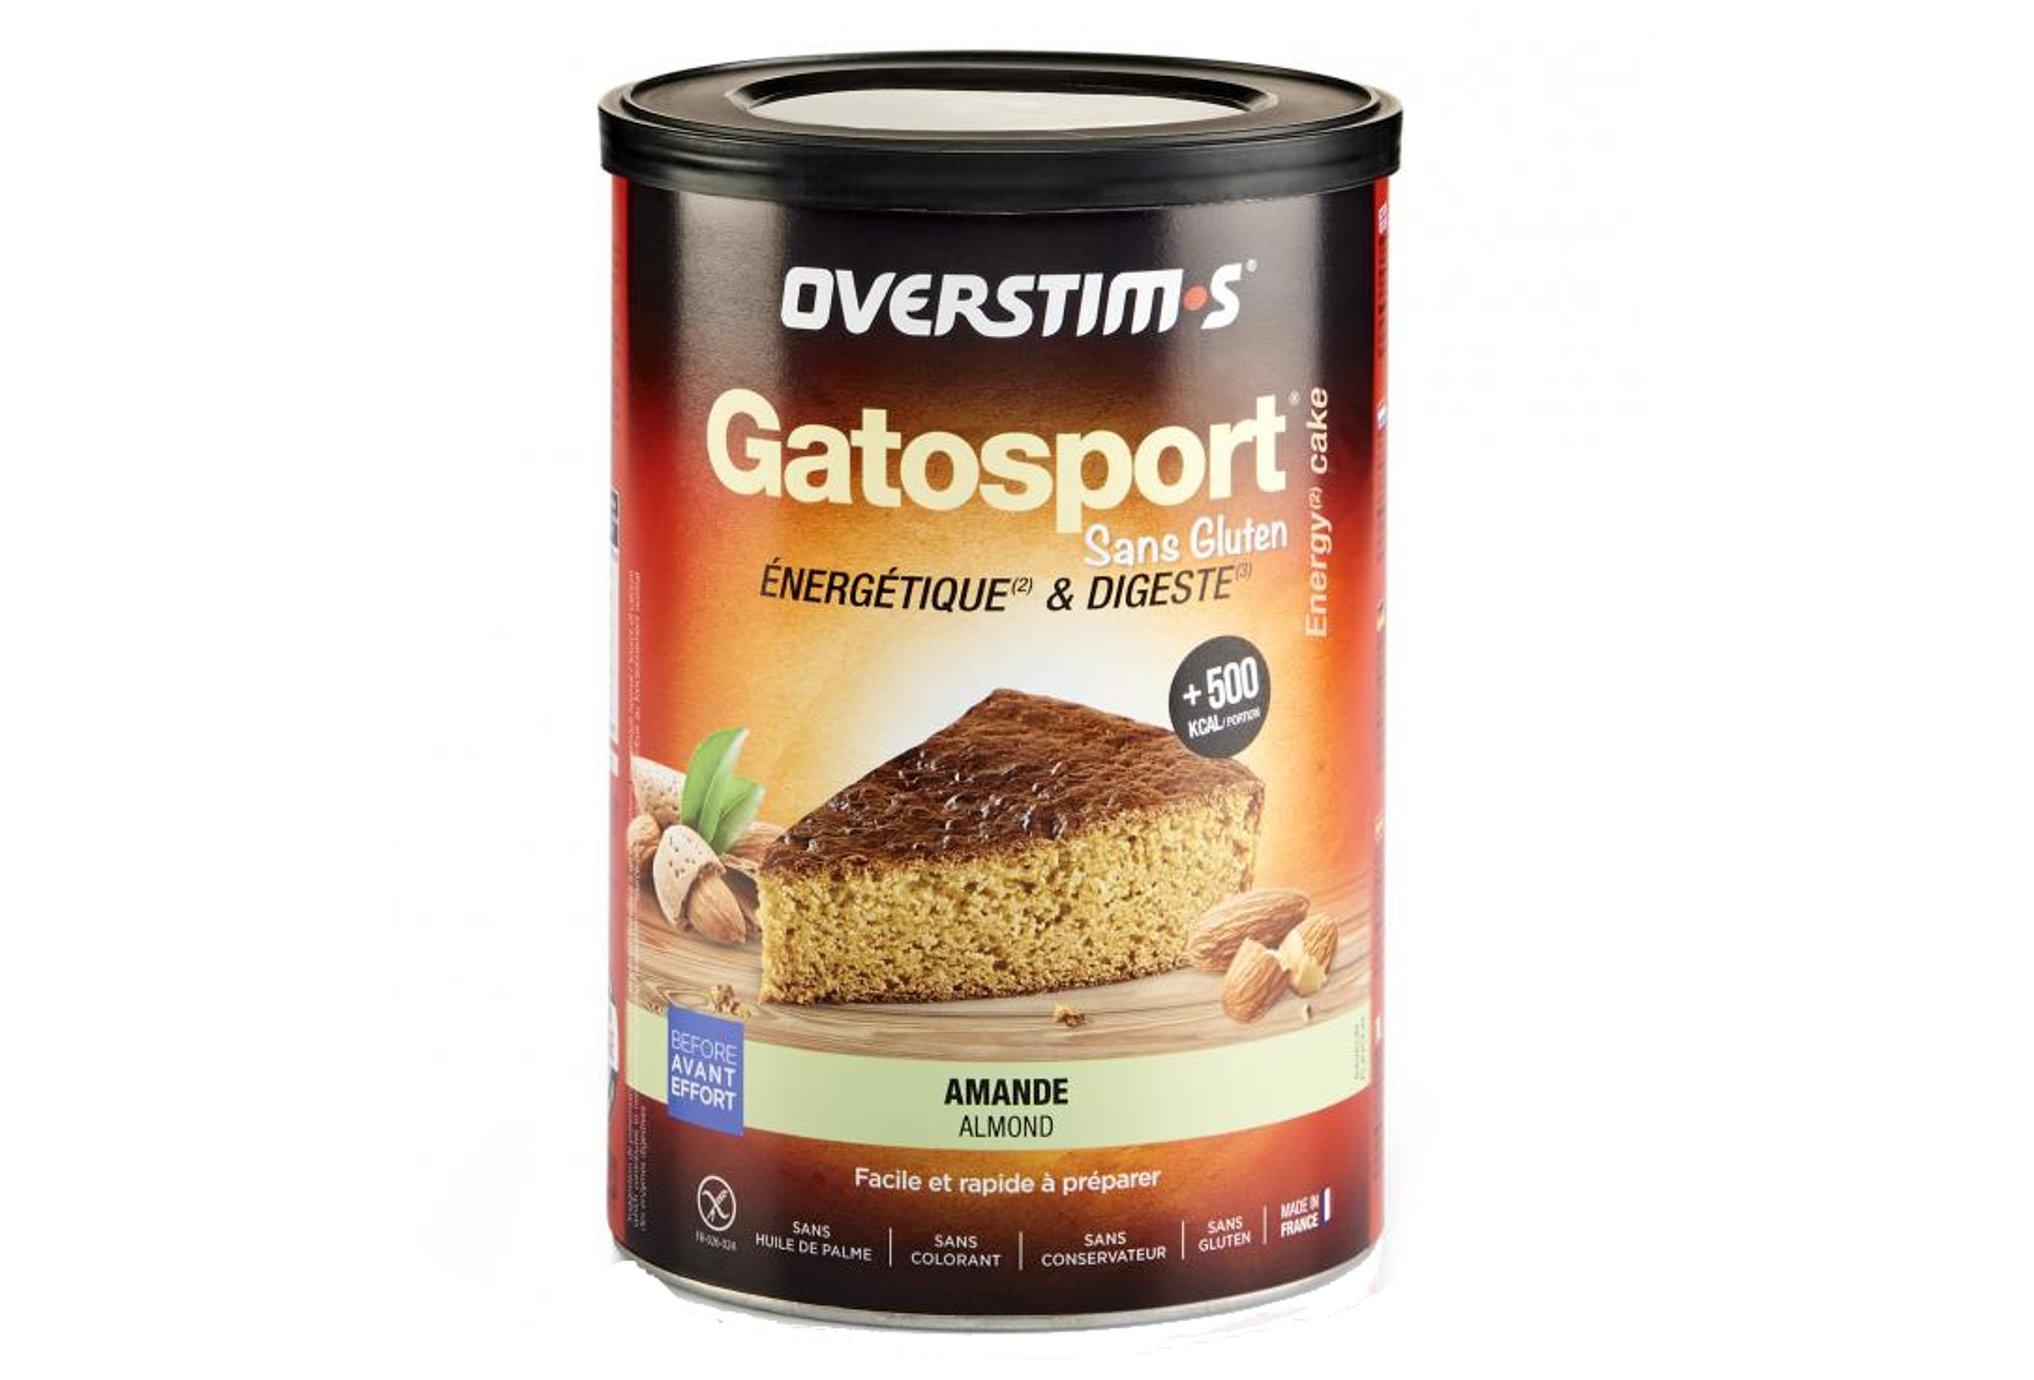 OVERSTIMS Gatosport 400 g - Amande sans gluten Diététique Préparation